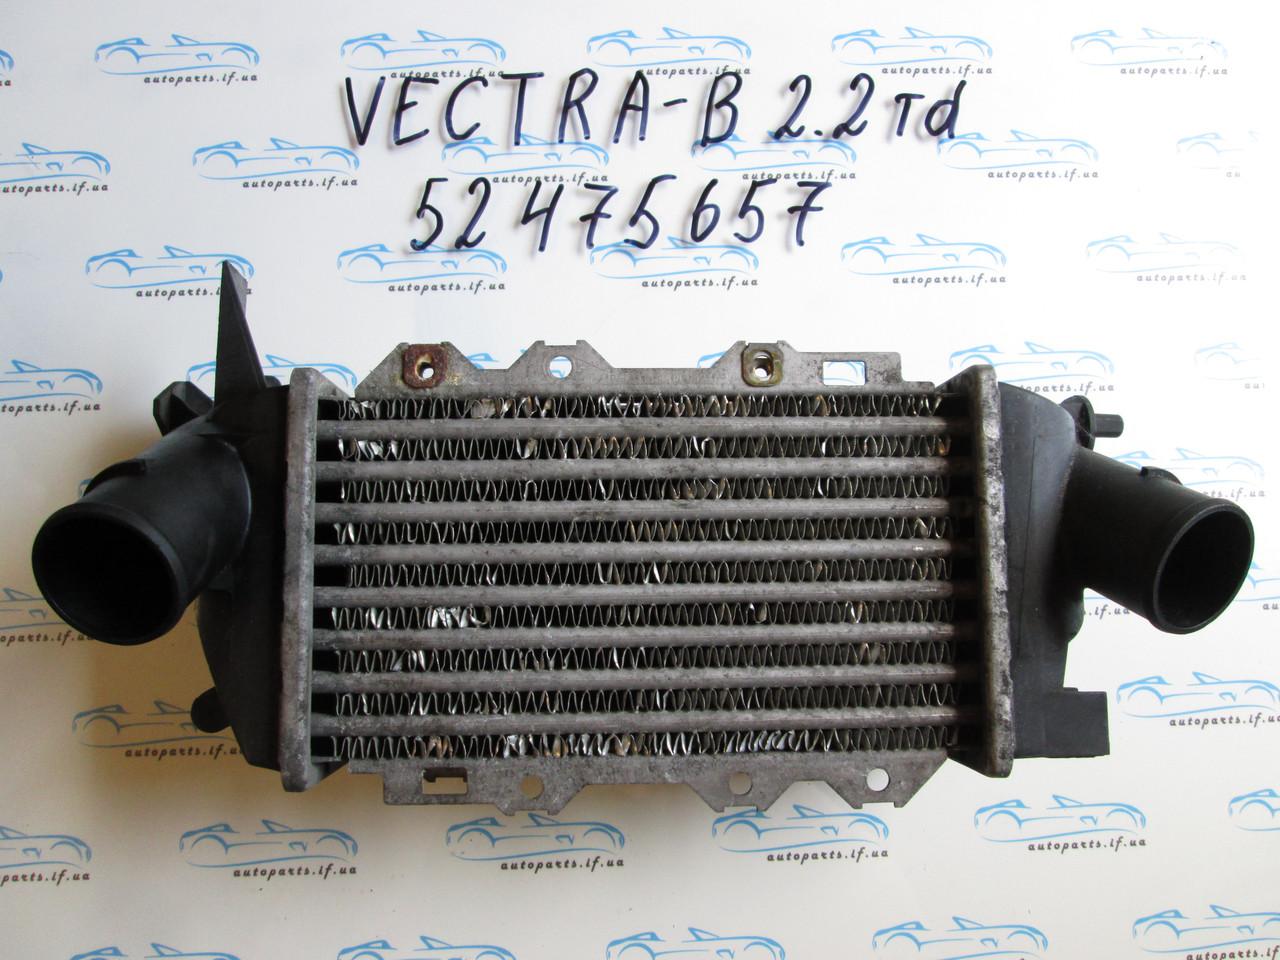 Радиатор интеркулера Вектра, Vectra B 2.2TDI 52475657